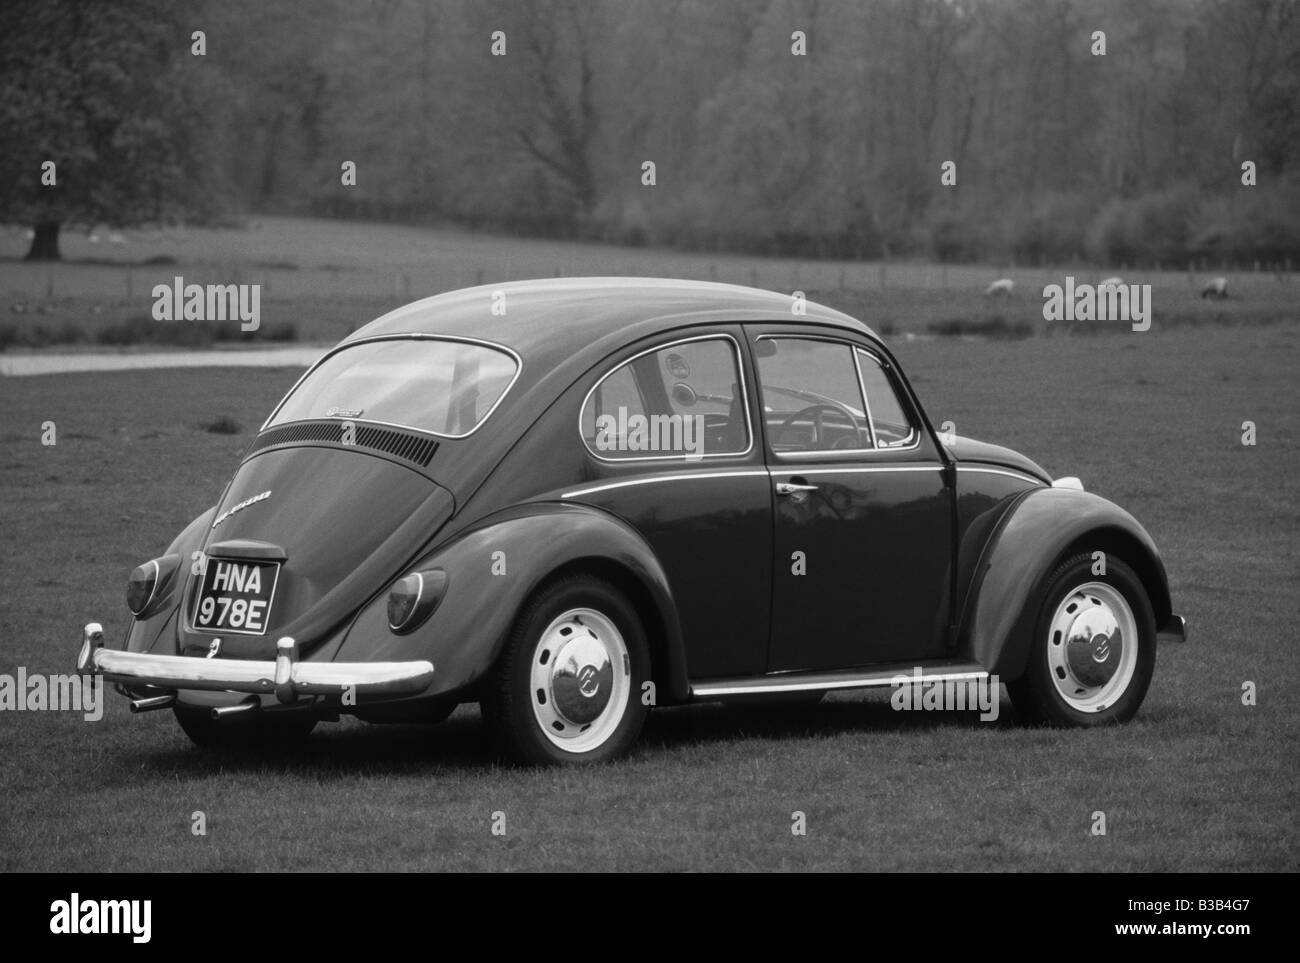 Volkswagen Beetle 1500 of 1967. Stock Photo